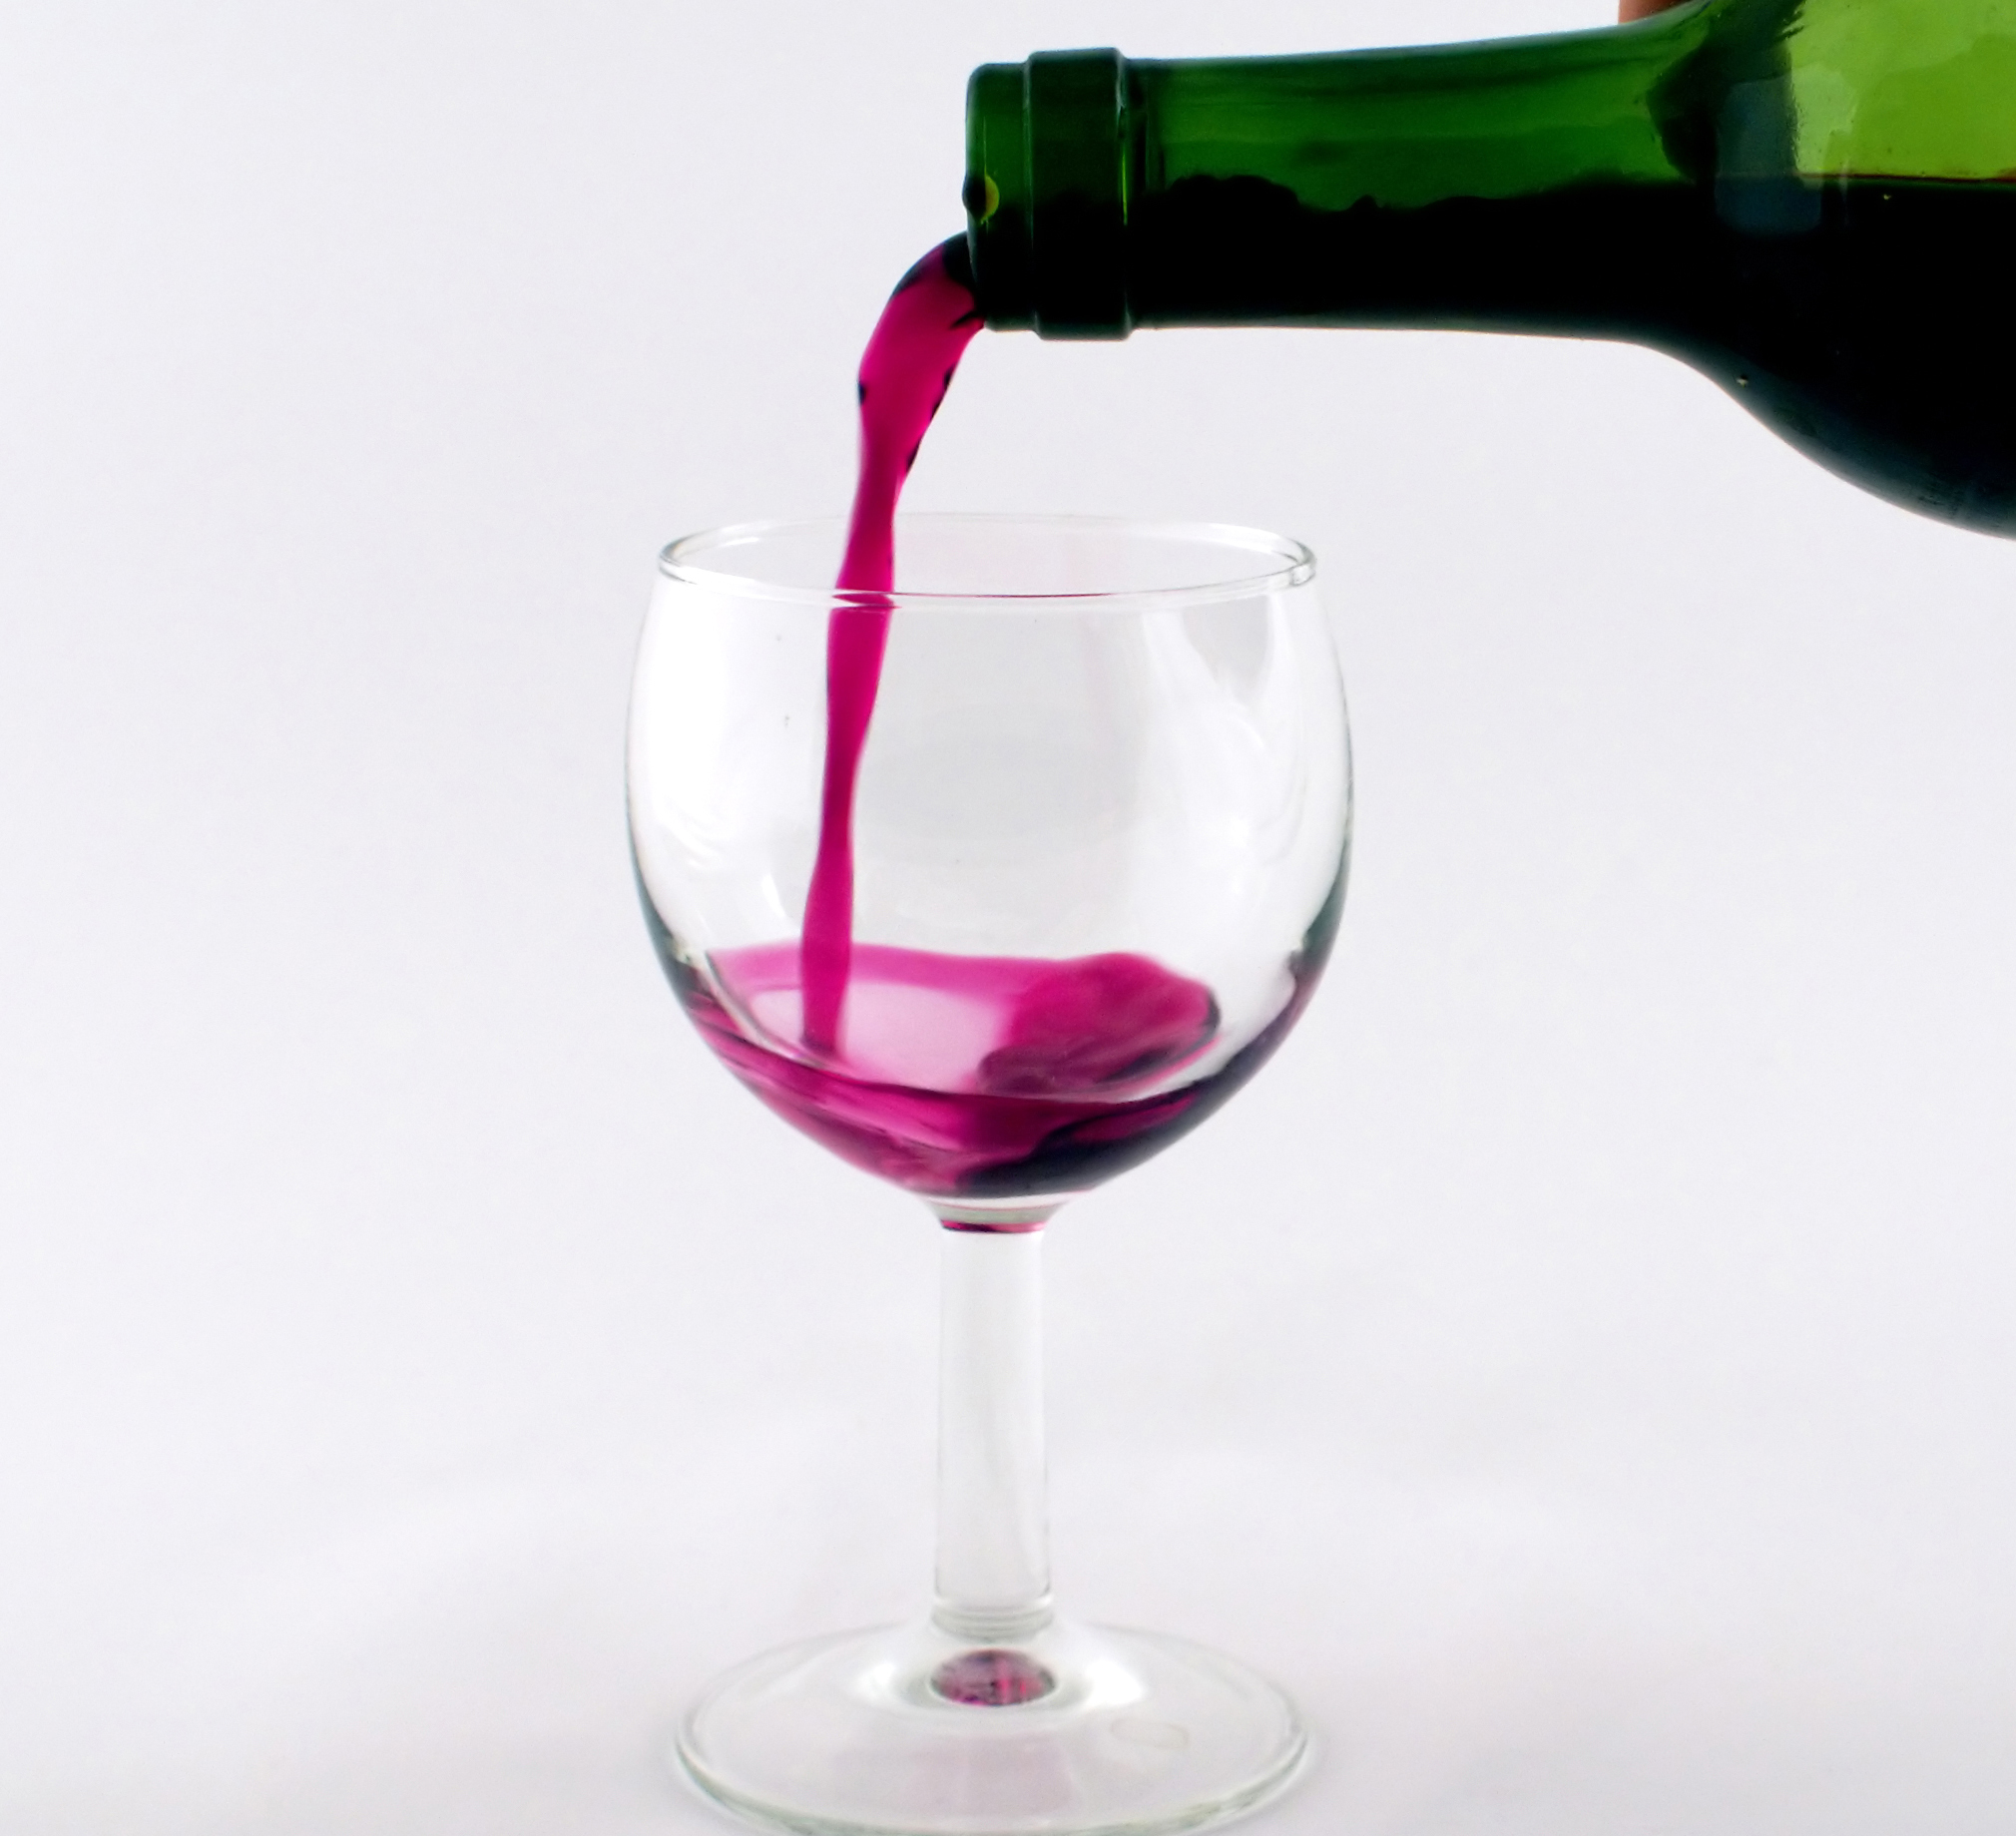 Beber alcohol de forma moderada protege el corazón